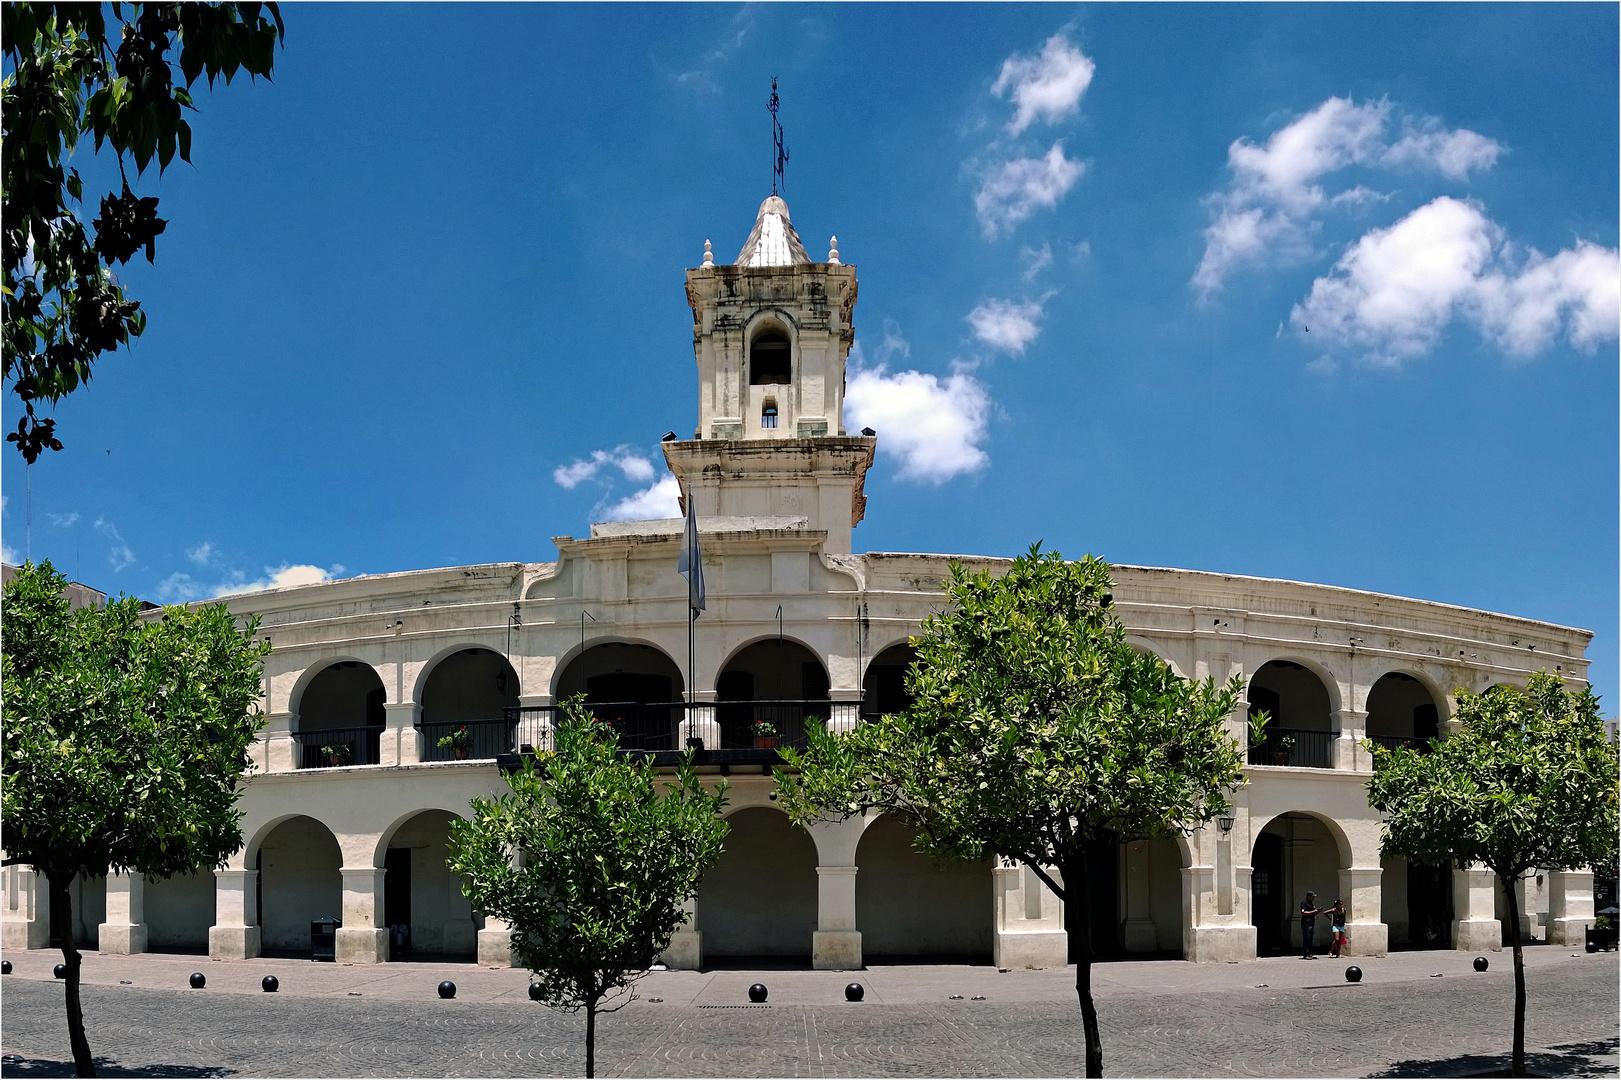 koloniale Architektur in Salta....................